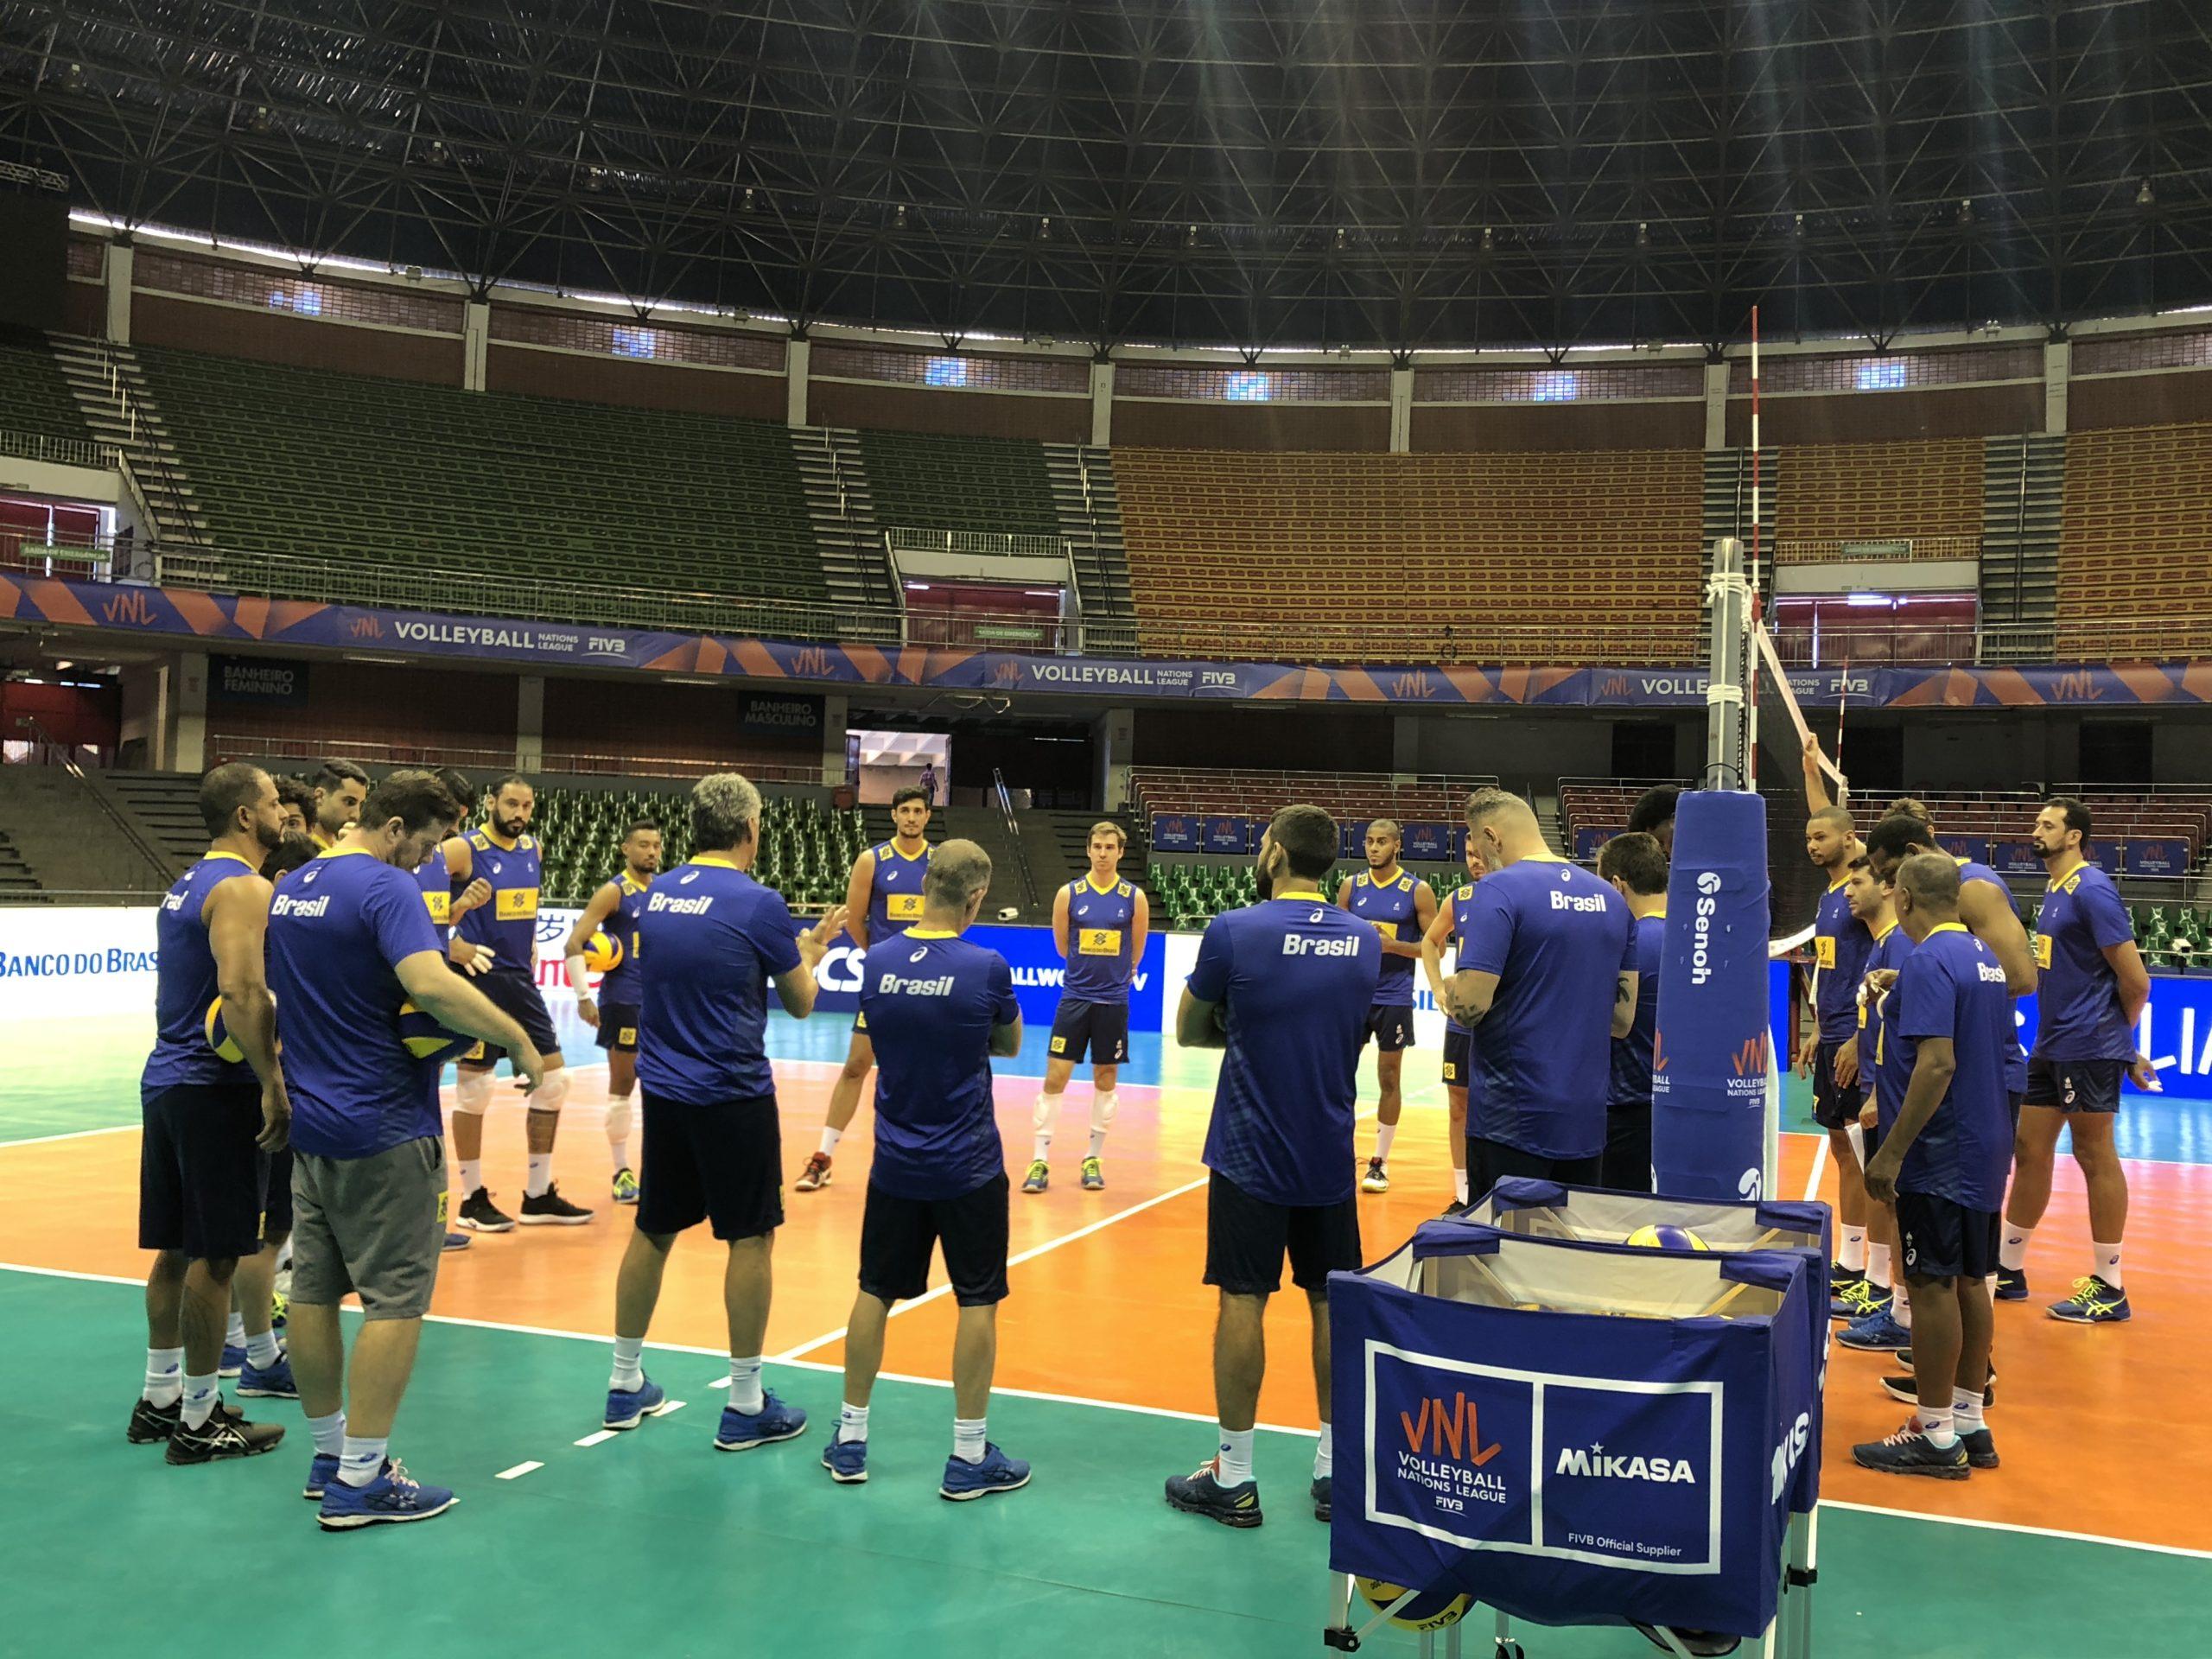 Seleção masculina faz primeiro treino em Brasília, onde disputa a última etapa da VNL